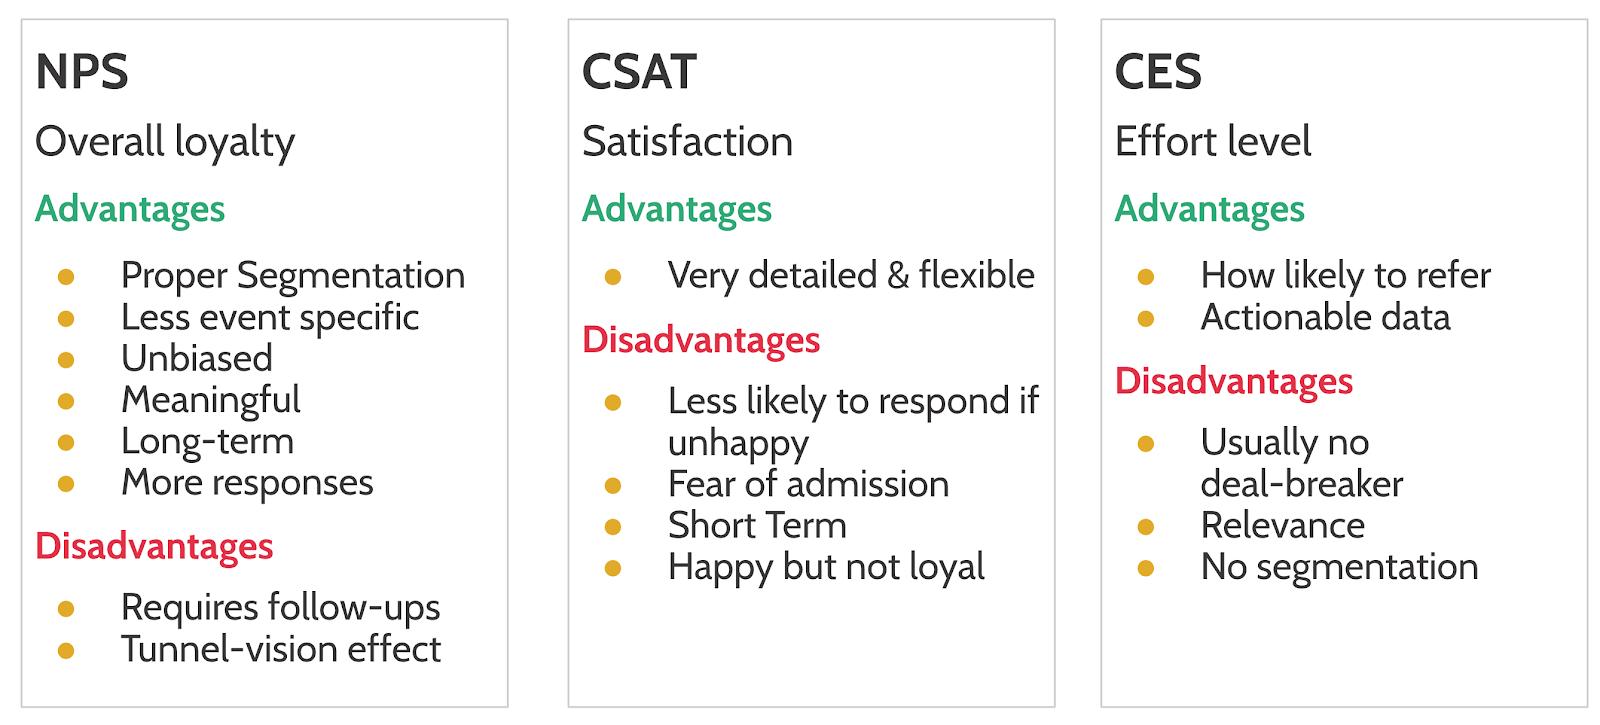 Difference between NPS vs. CSAT vs. CES - Kpi Max